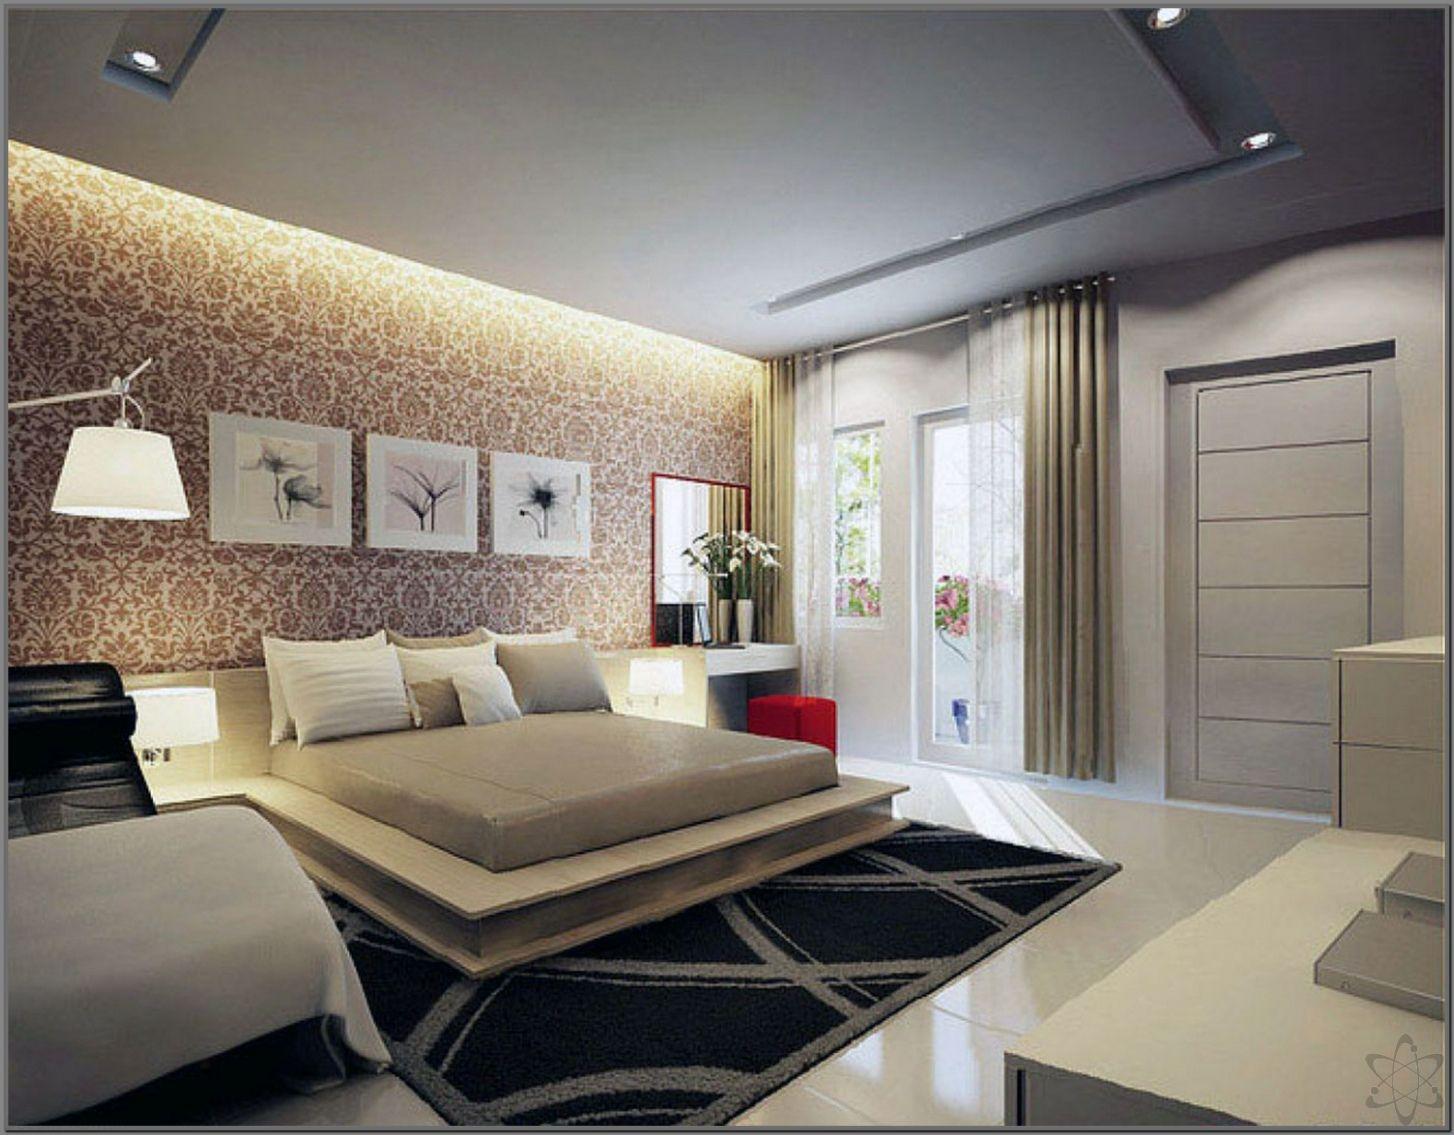 Desain Kamar Tidur Utama Minimalis 2015 Check More At Http